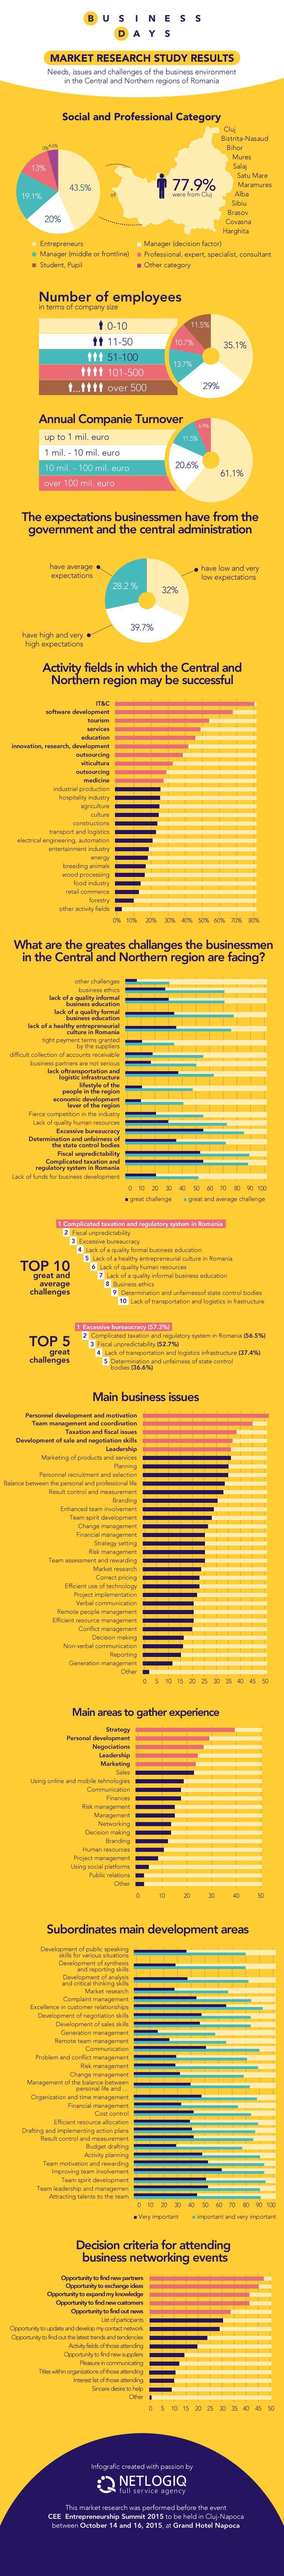 Rezultate cercetare de piata in mediul de afaceri din regiunea centrala si de nord a Romaniei  www.businessdays.ro